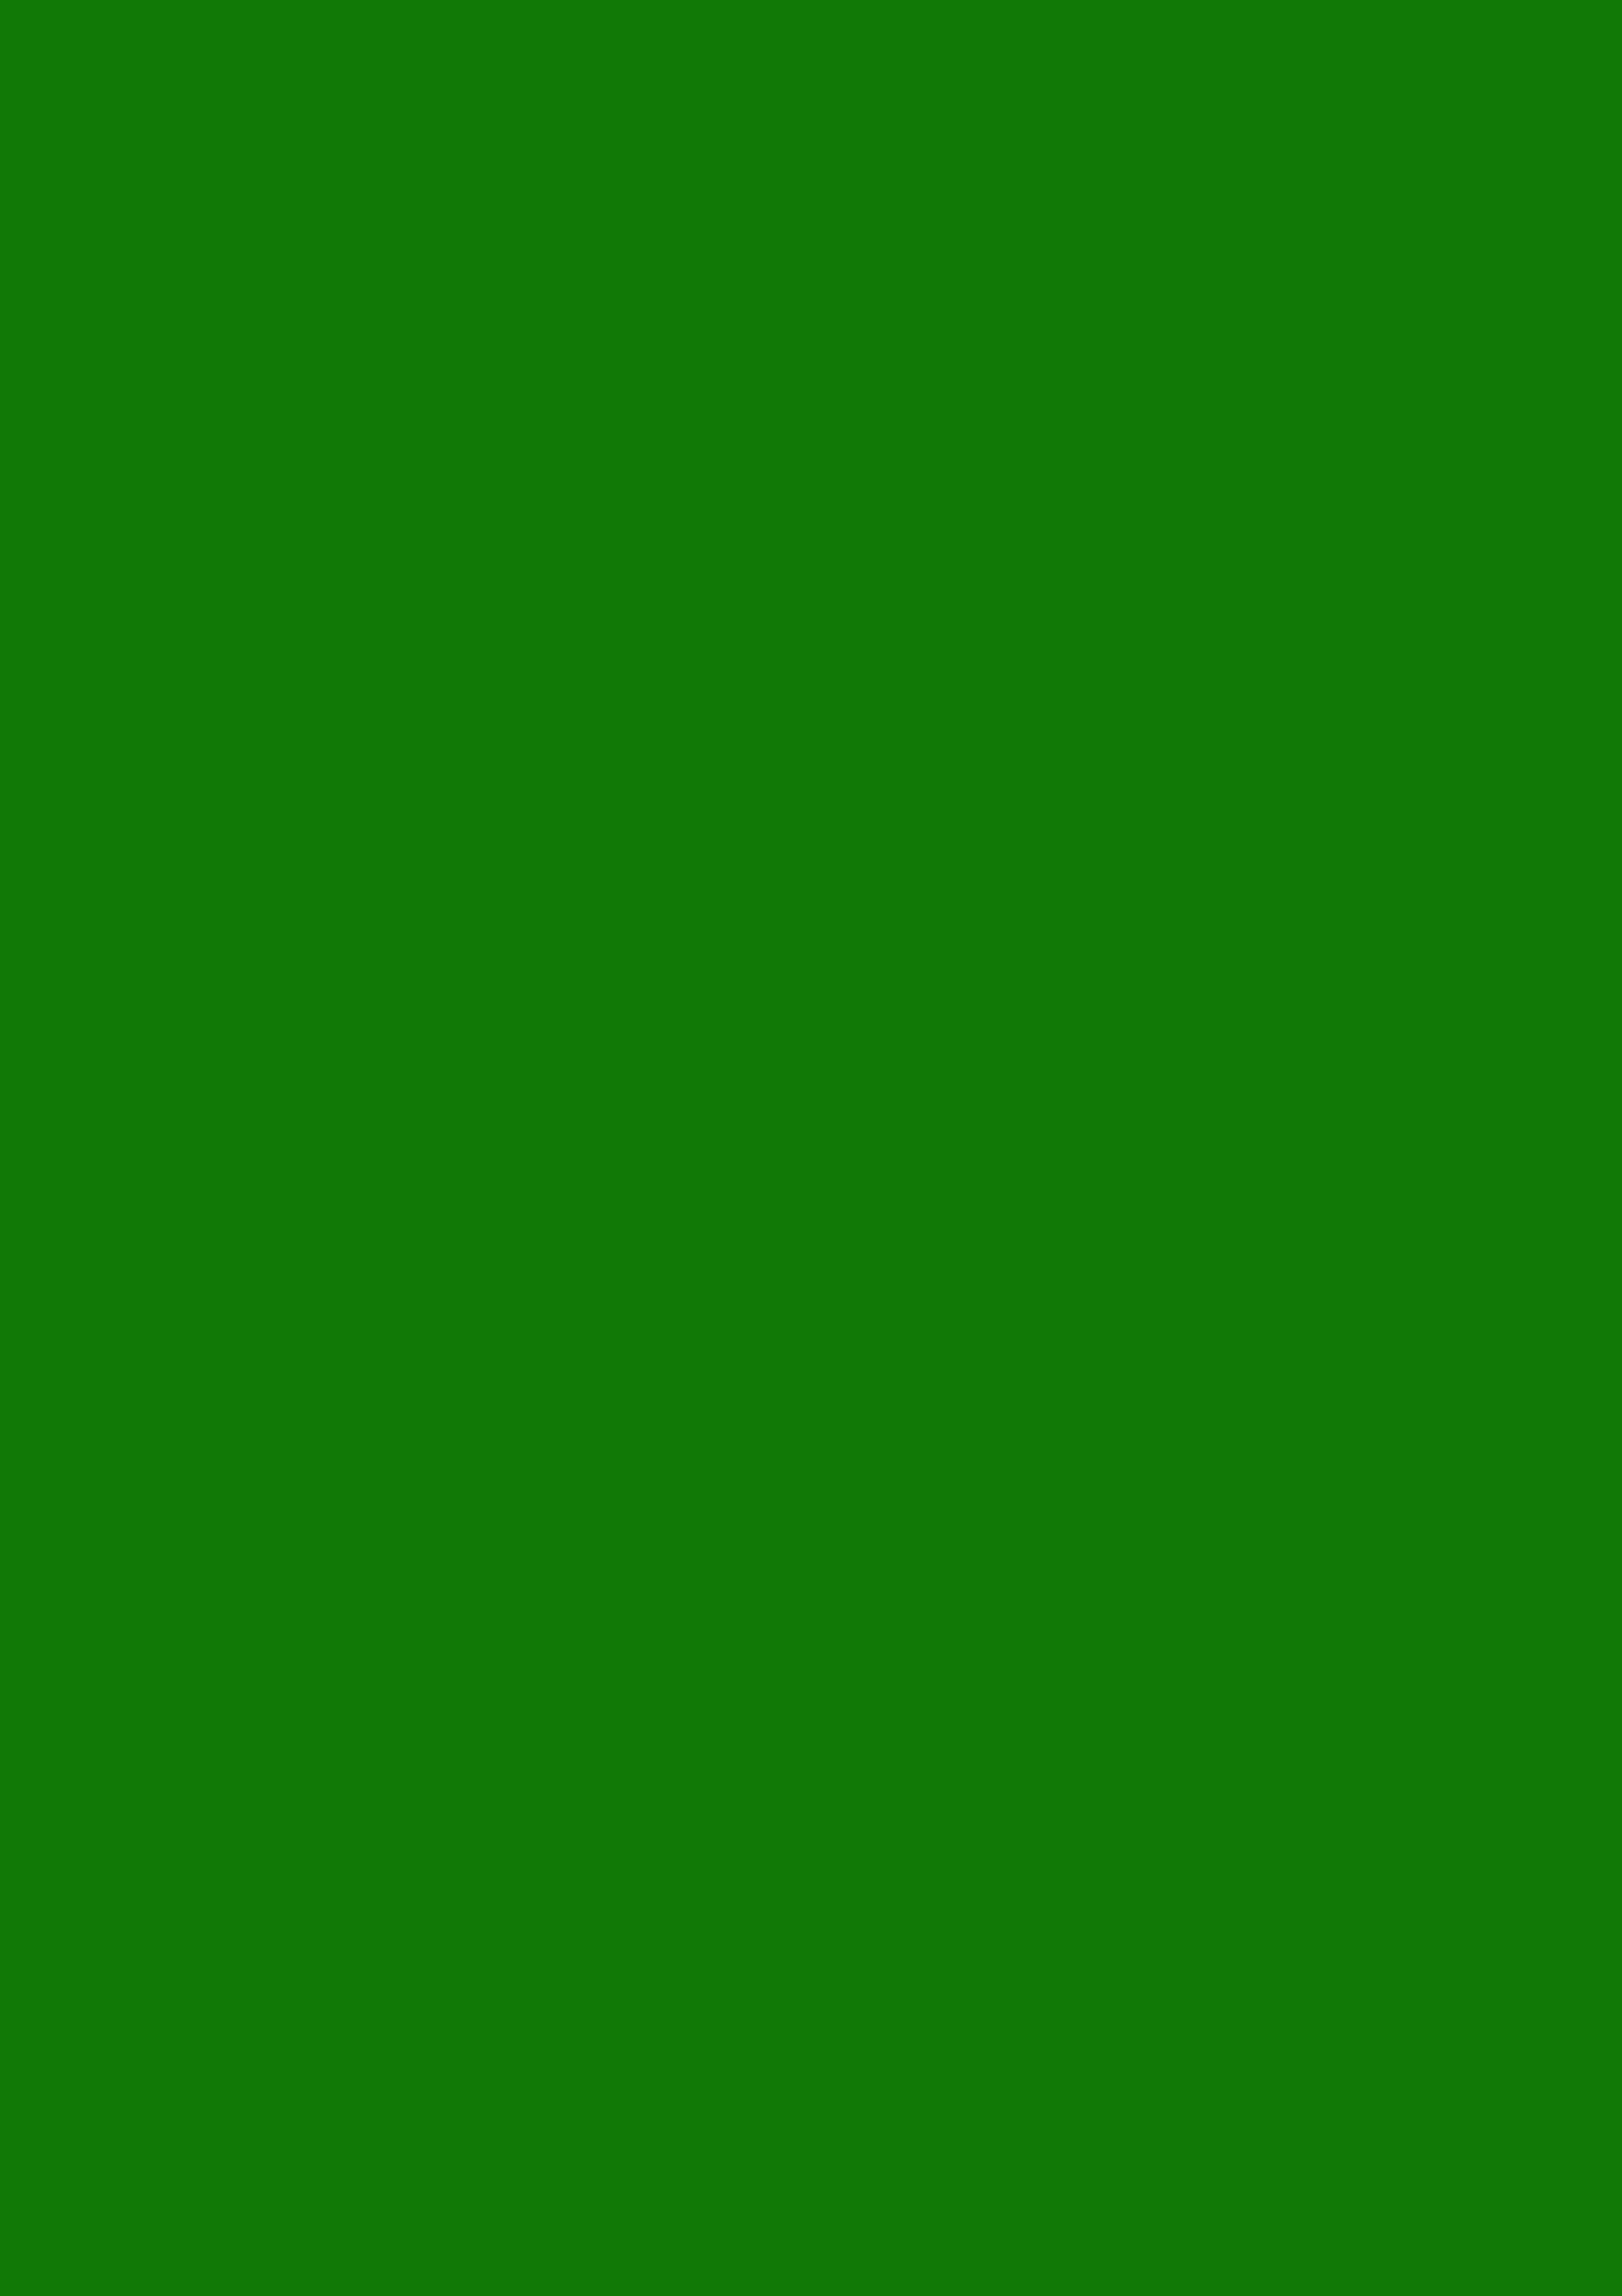 achtergrond groen